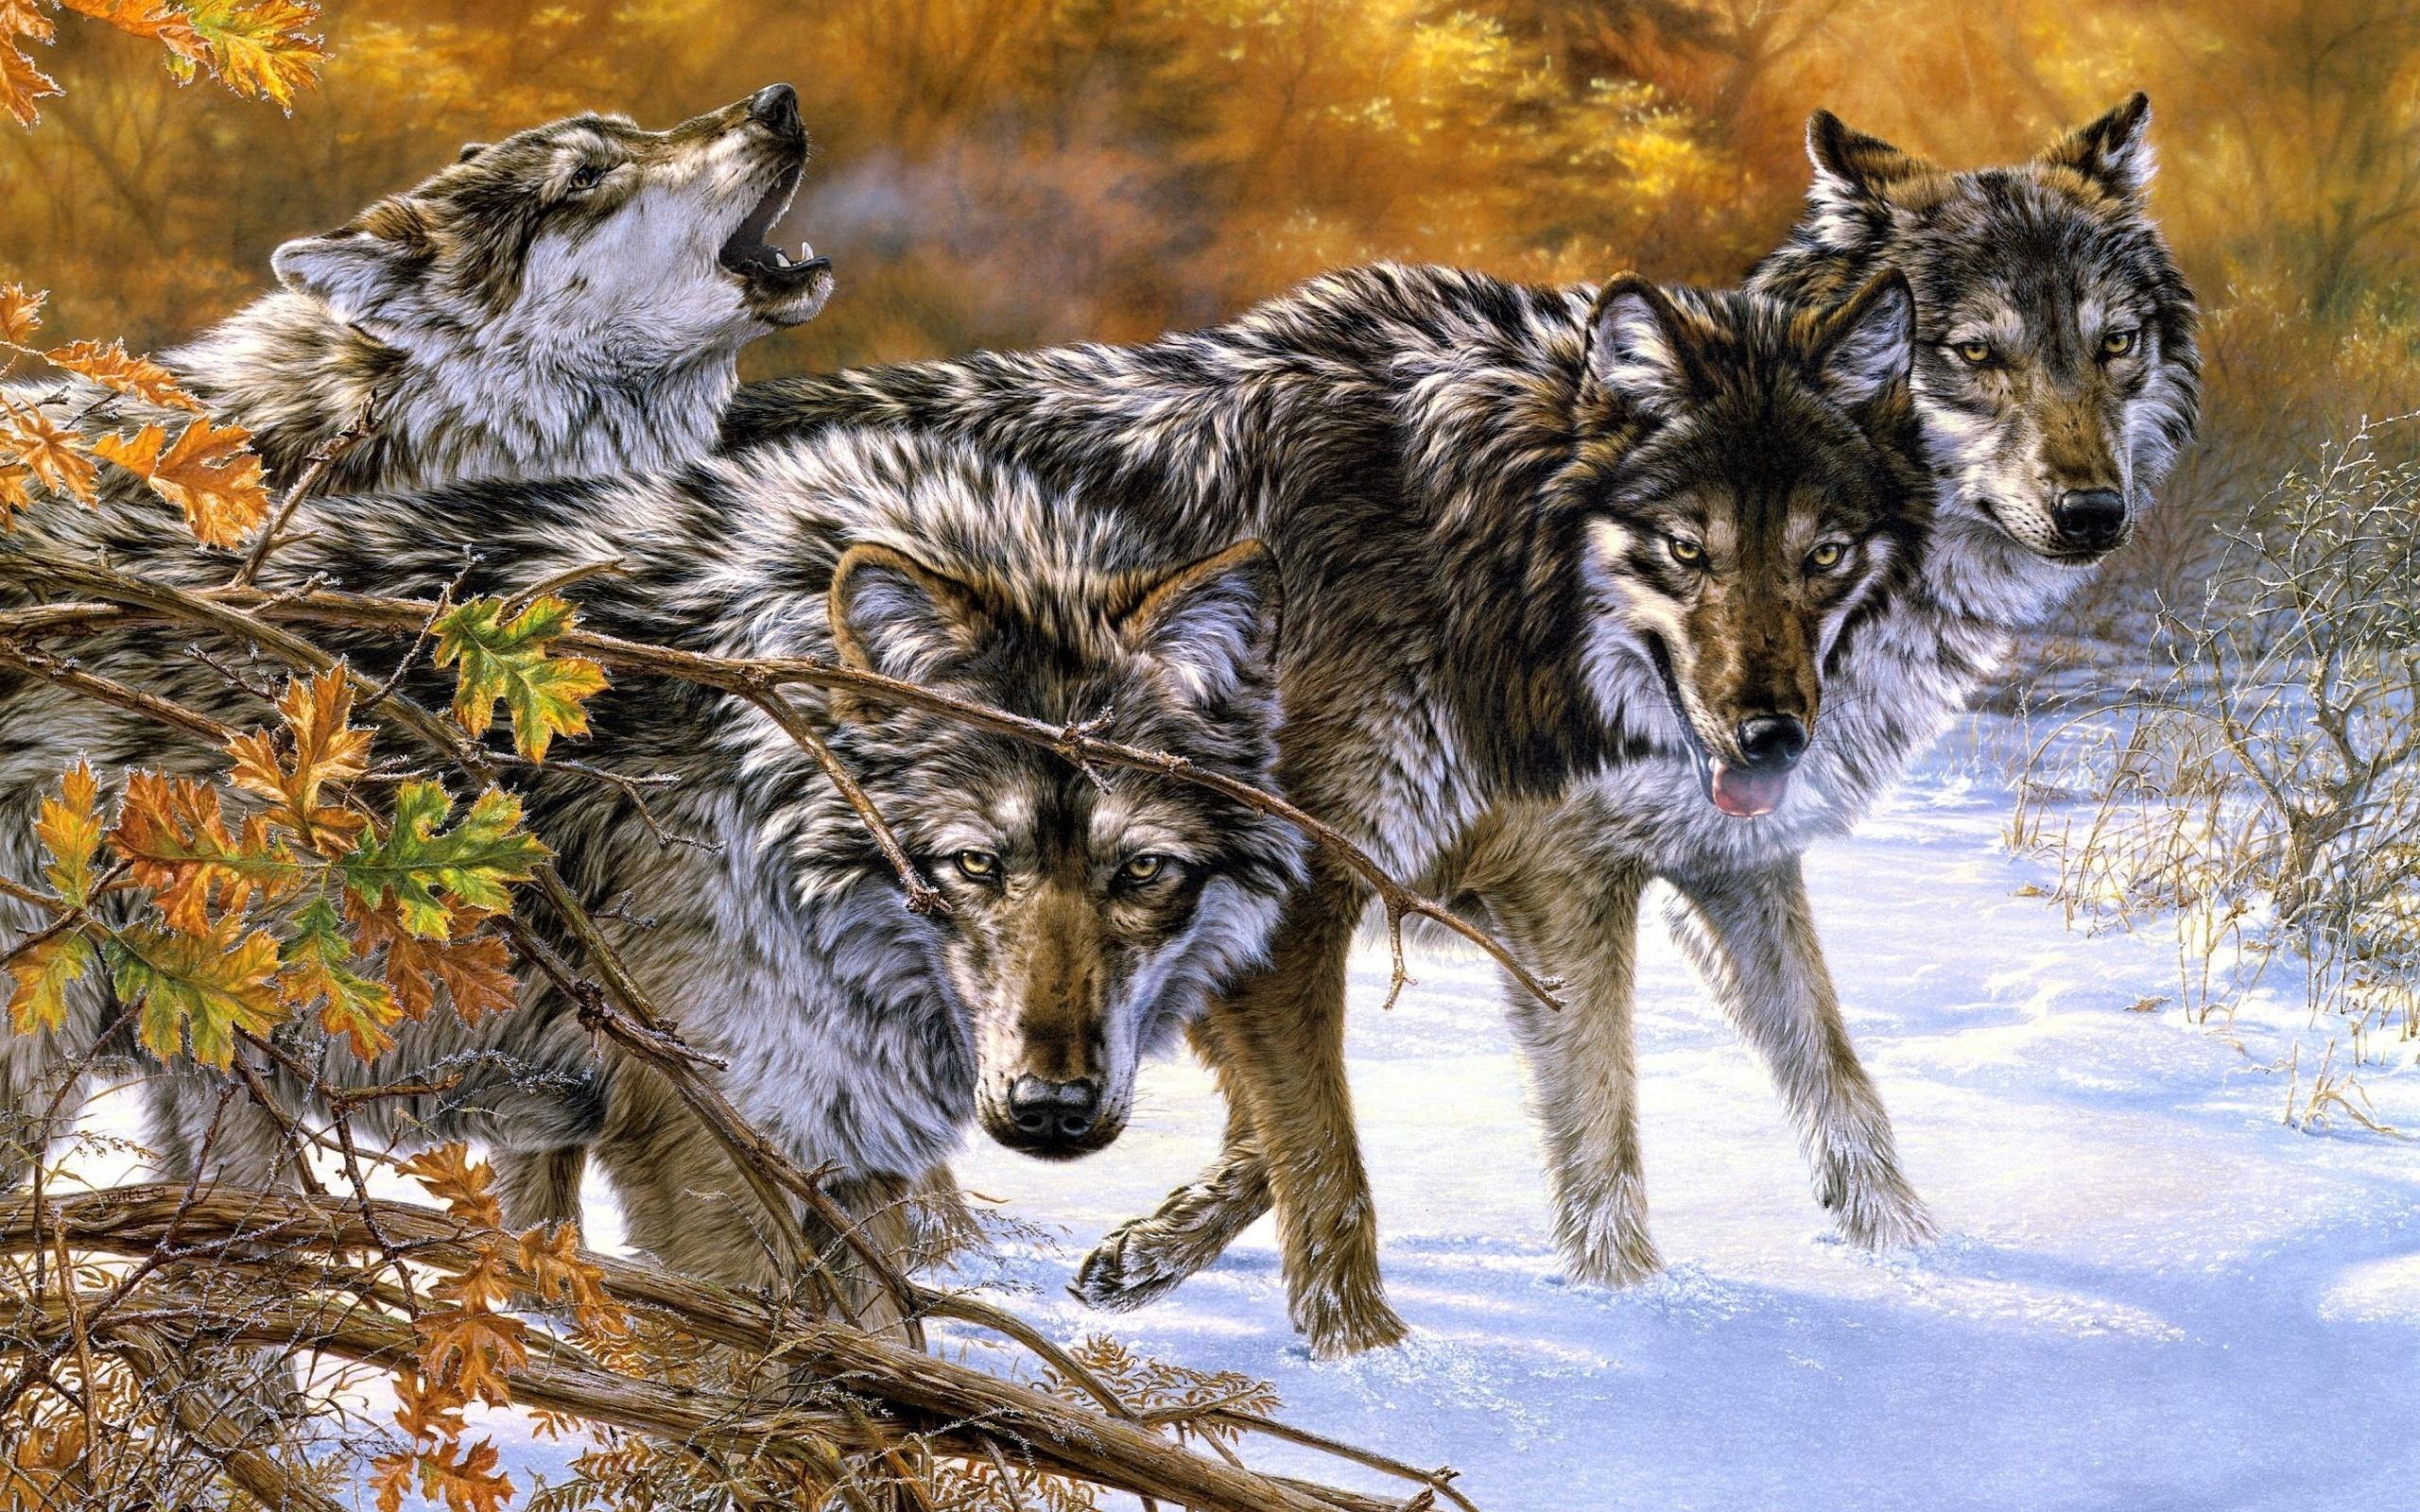 фотки картинки с красивыми волками больше смысл